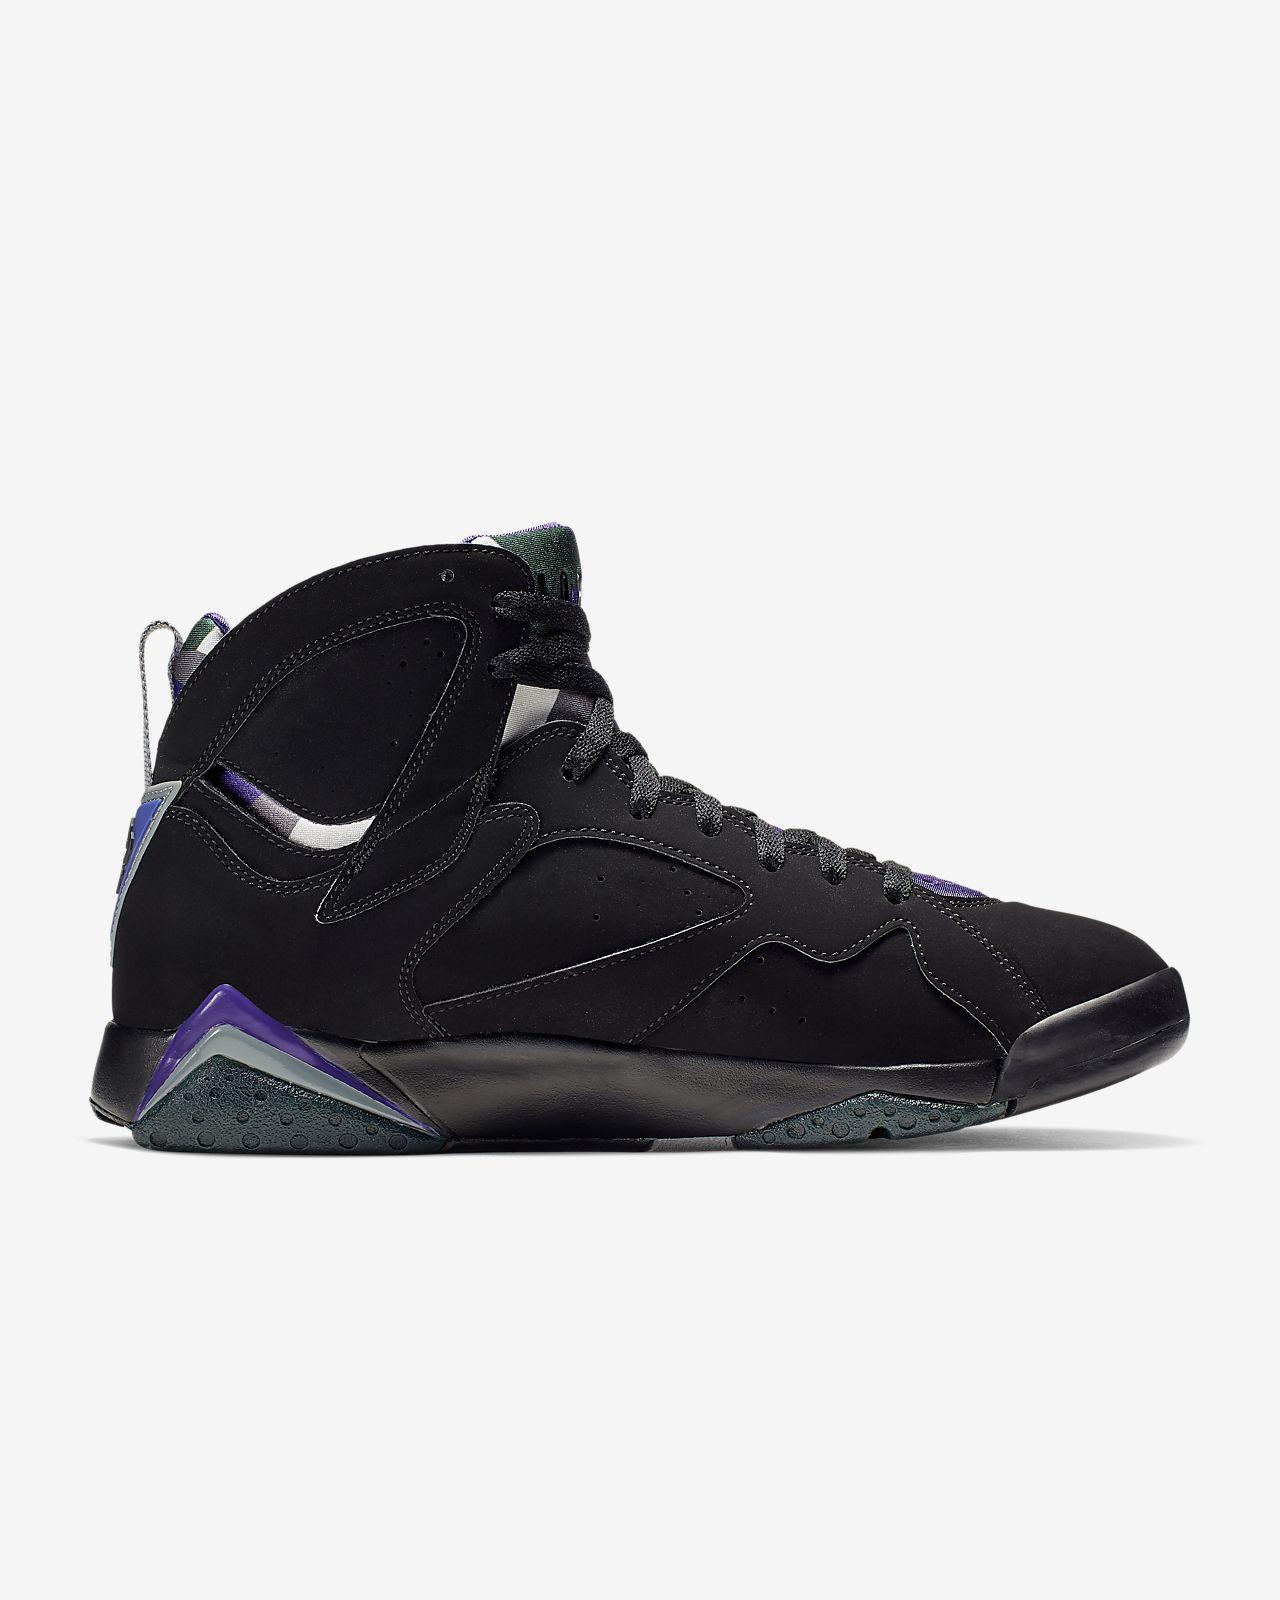 outlet store 00397 0f910 ... Air Jordan 7 Retro Men s Shoe